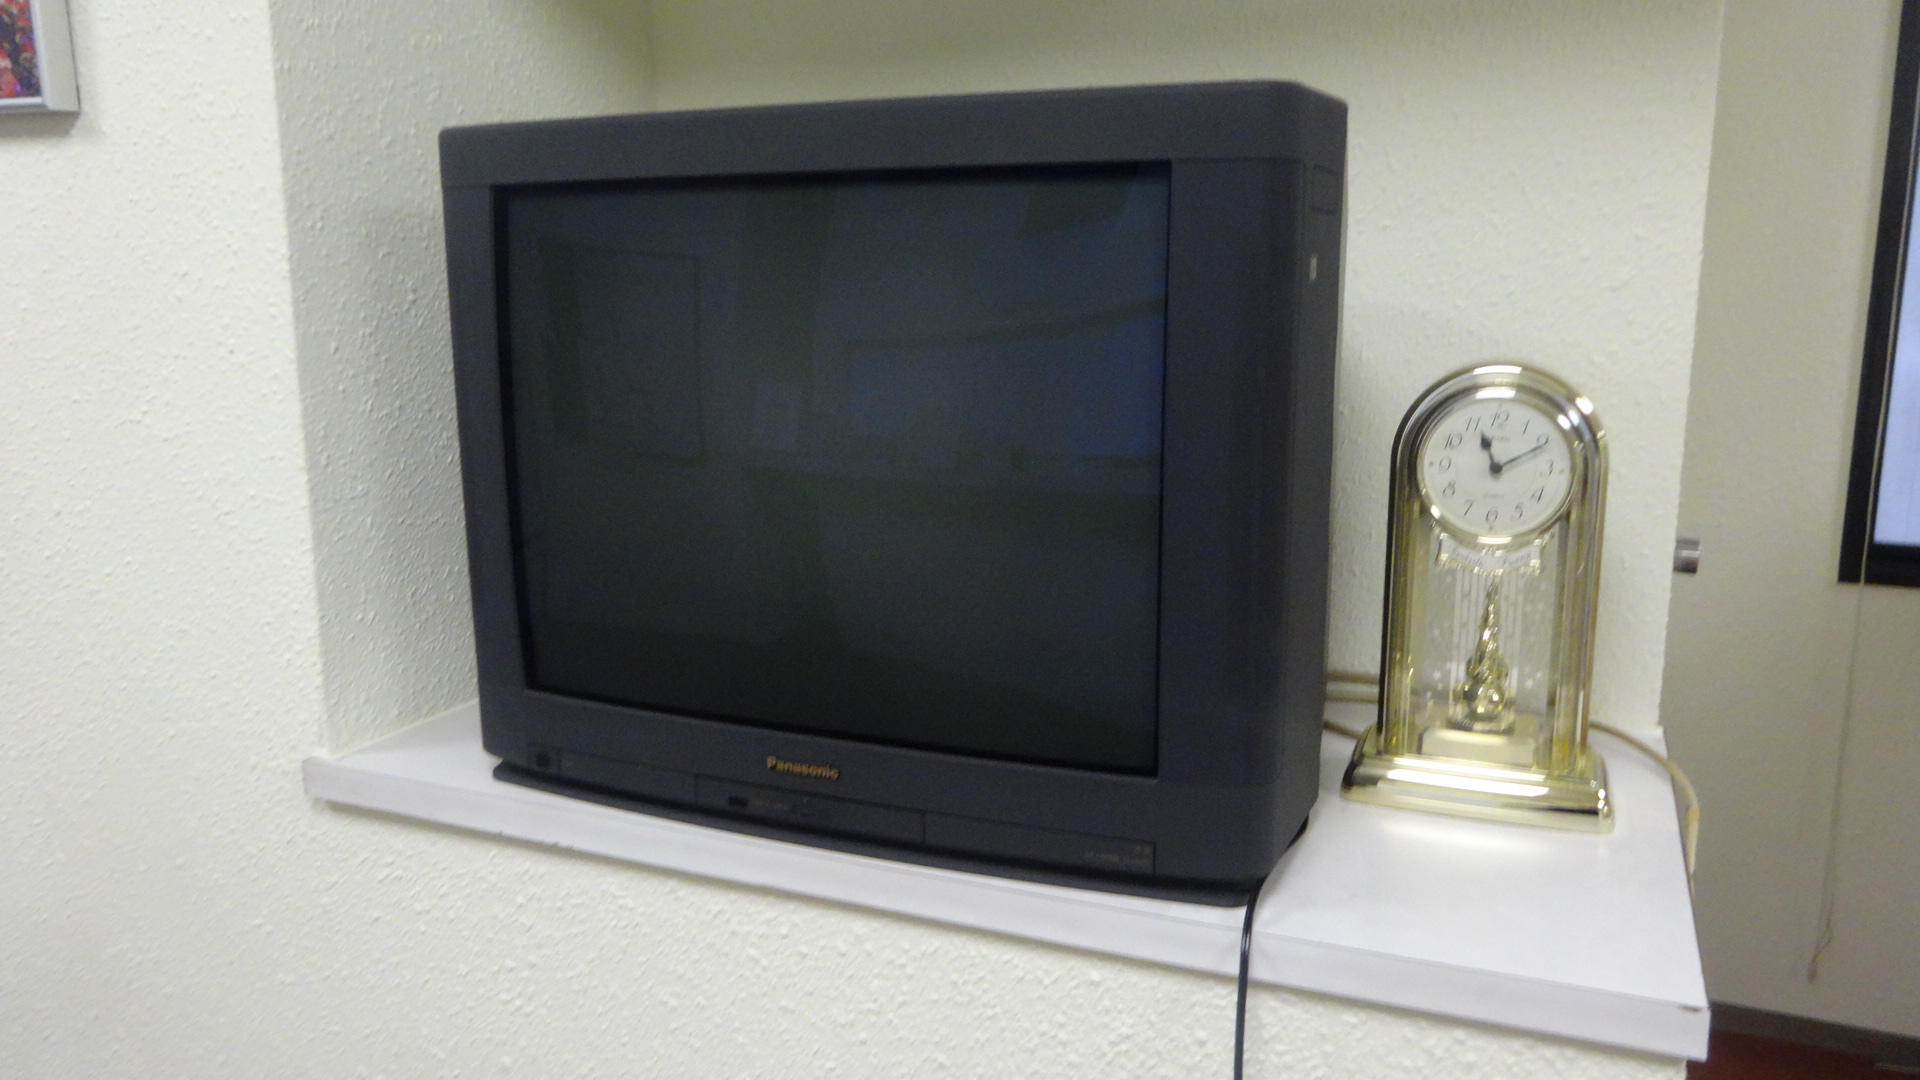 ブラウン管テレビの写真